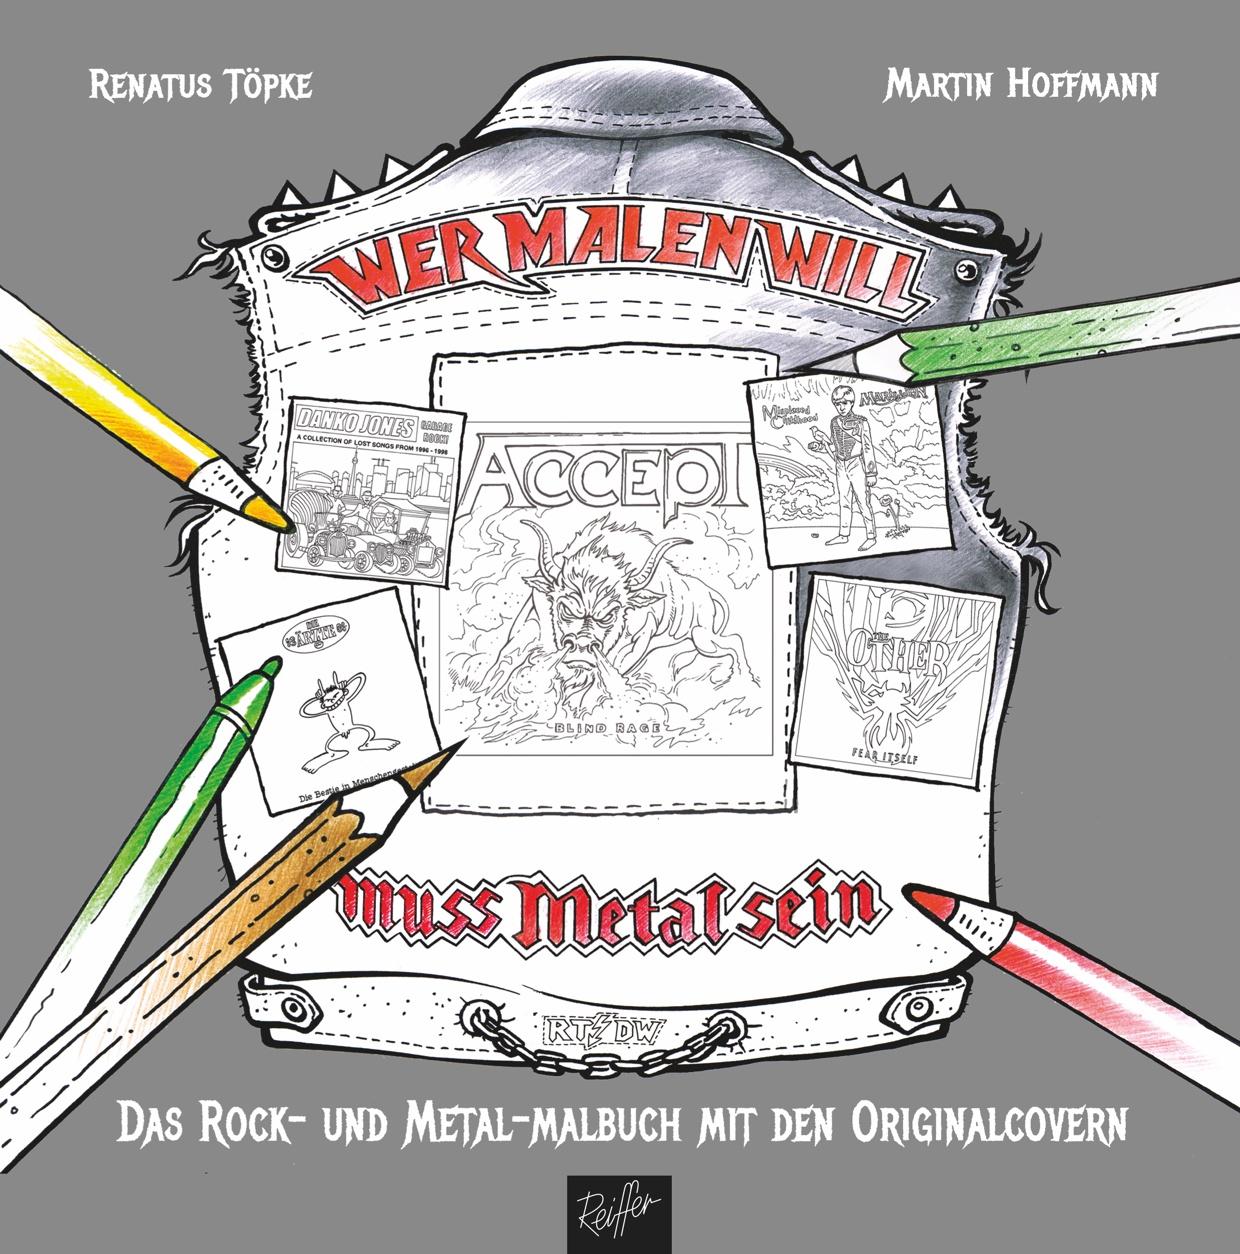 Töpke / Hoffmann: Wer malen will, muss Metal sein!